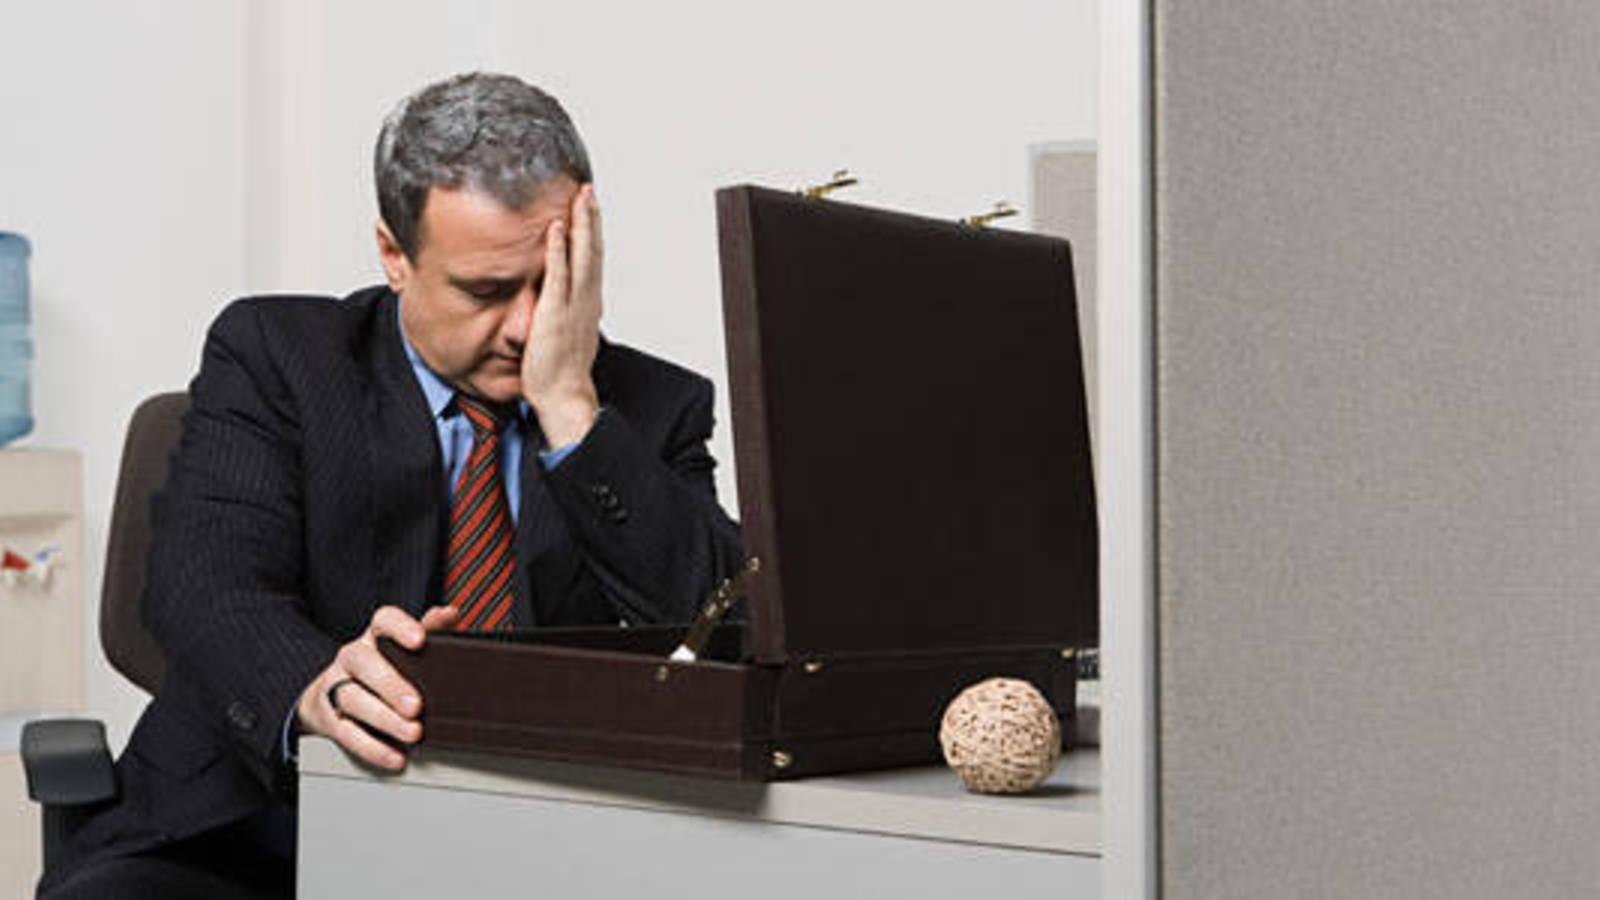 Mi jefe me pidió que renuncie, ¿qué hago?